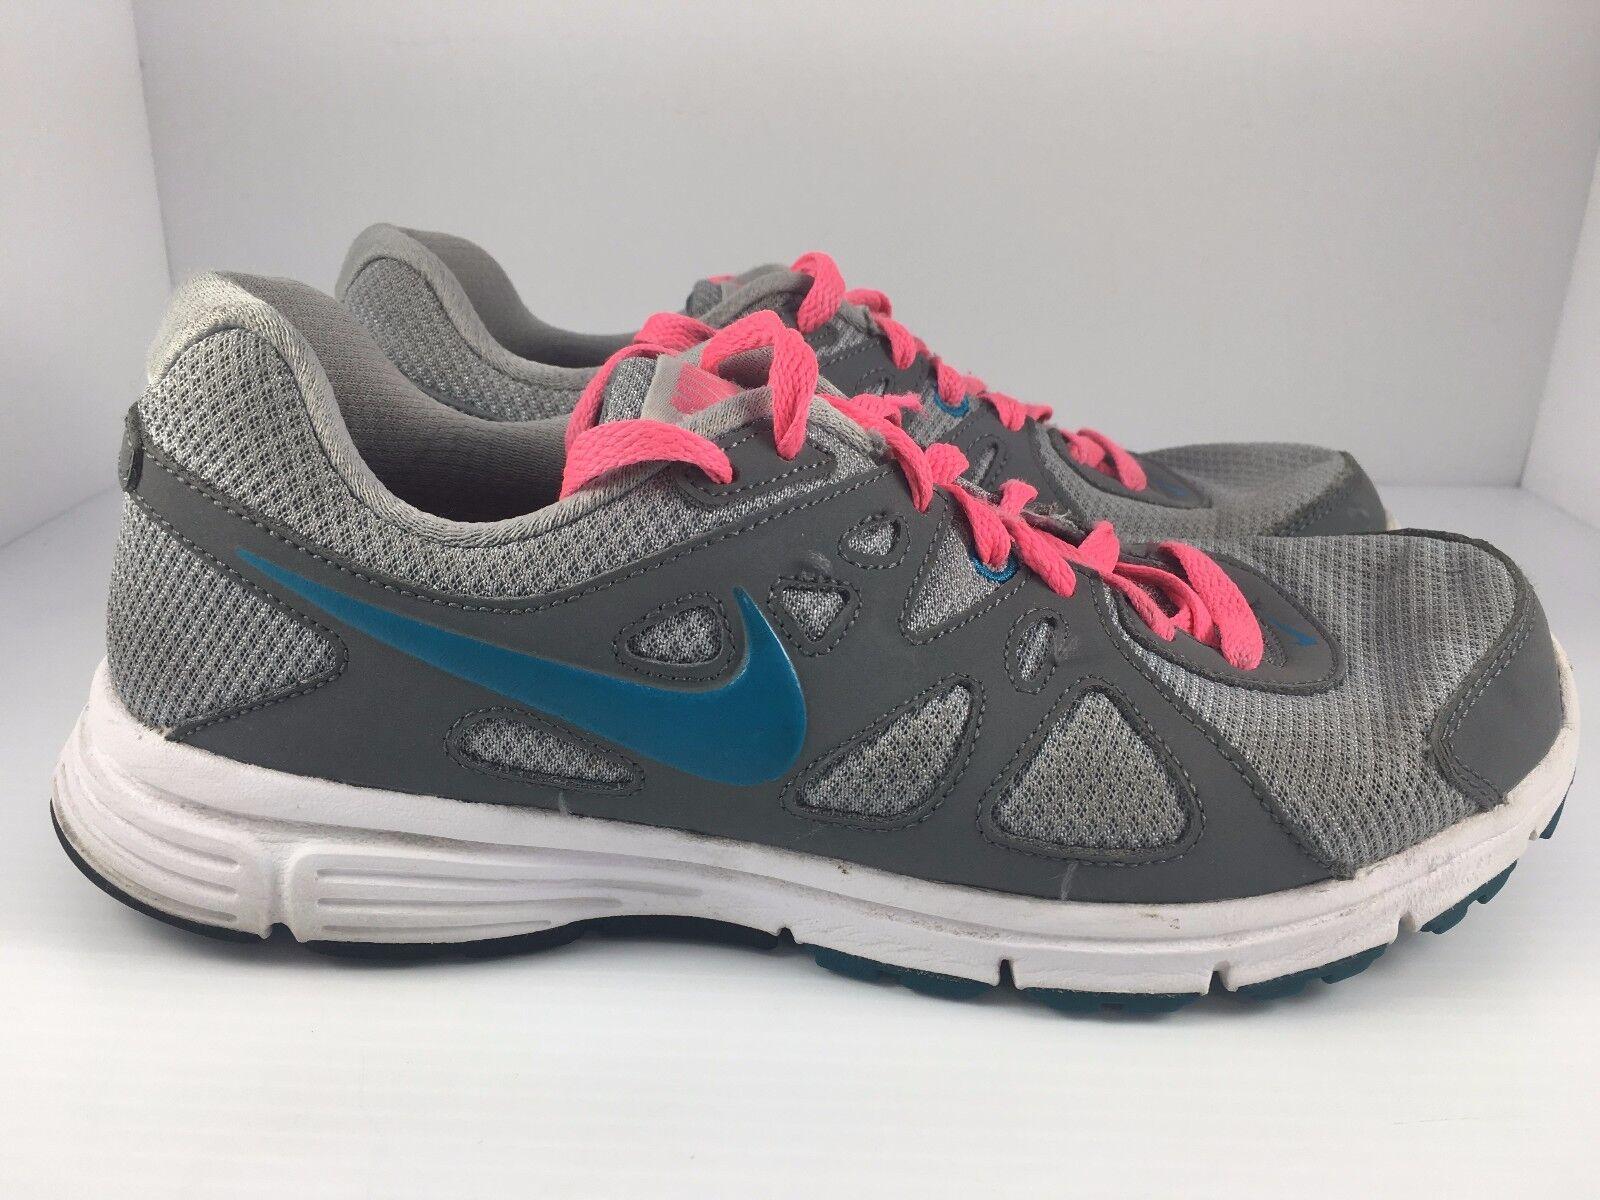 Nike rivoluzione 2 donne noi 9 grigio bianco e blu   atletica scarpette rosa | Nuovo 2019  | Uomini/Donna Scarpa